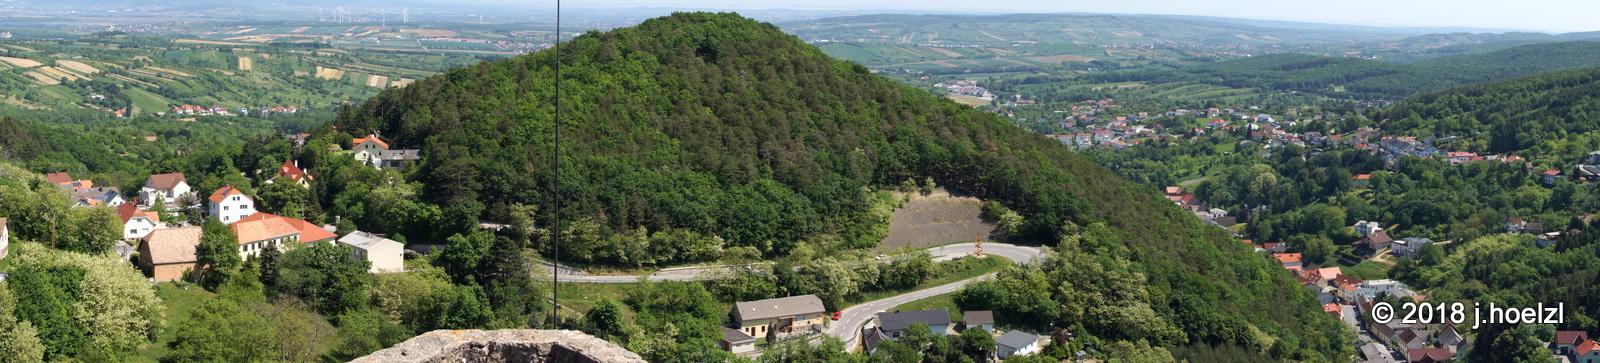 Ein toller Rundblick von der Burg Forchtenstein